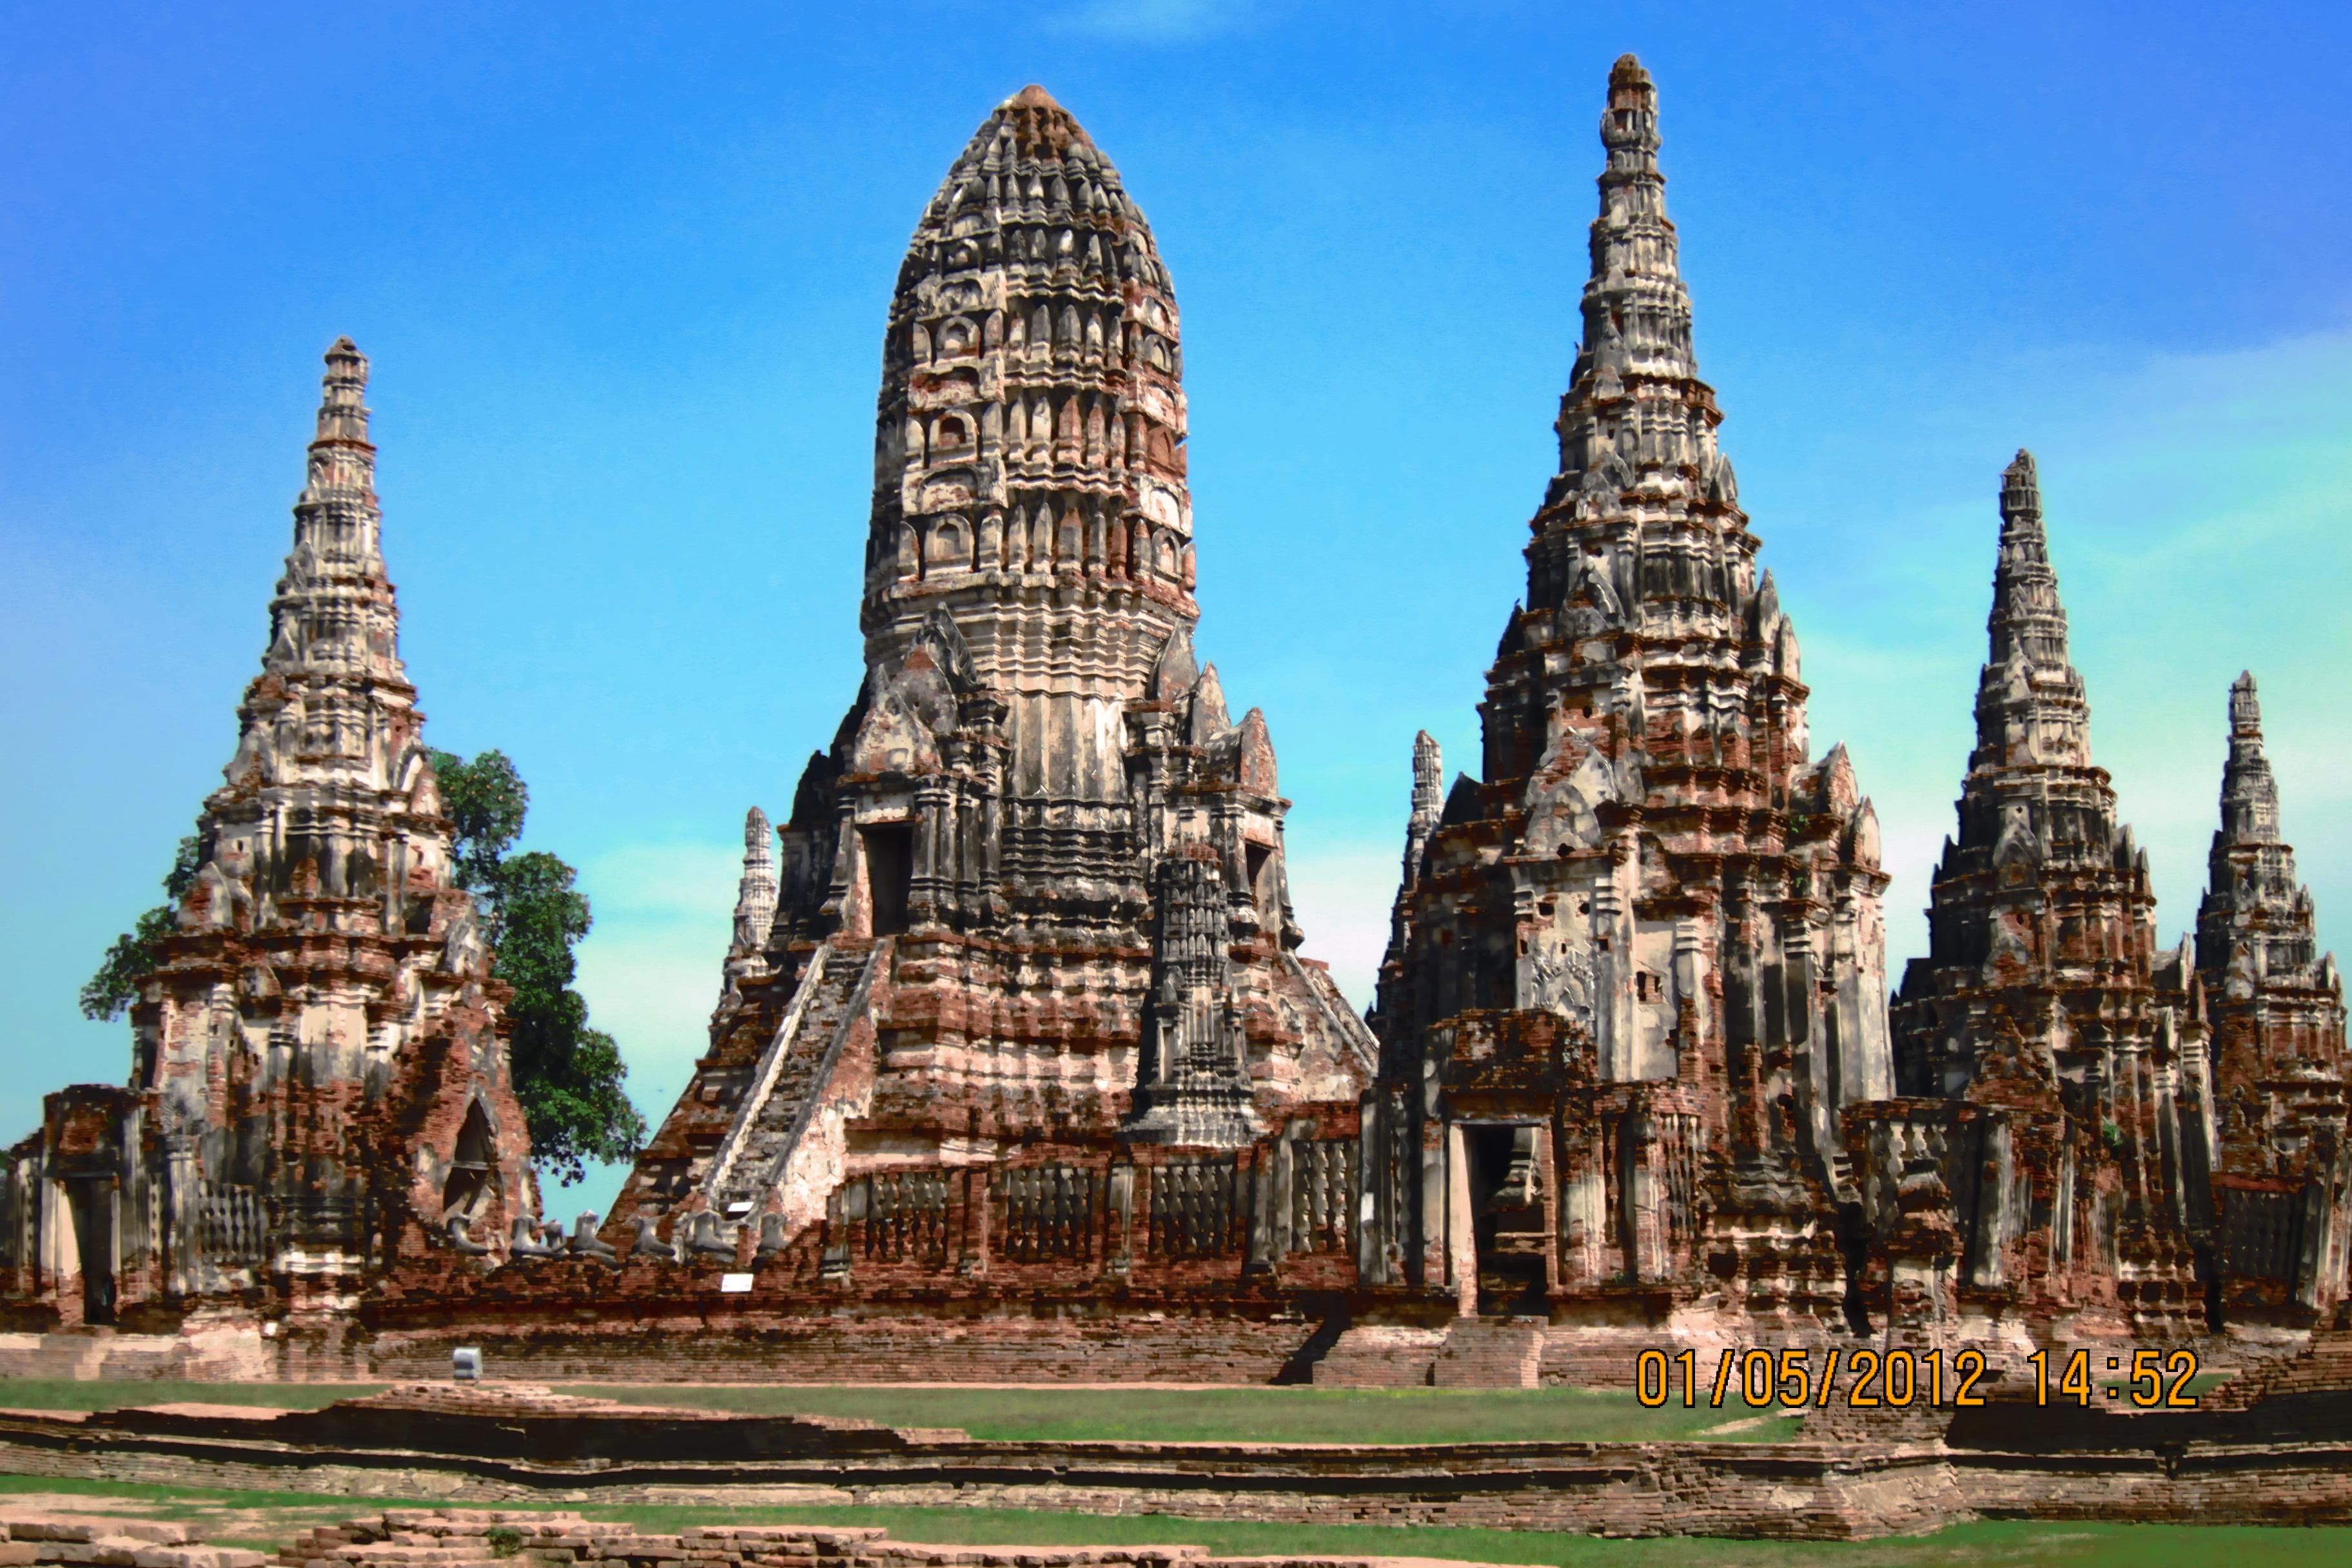 ไฟล์:ไชยวัฒนาราม โบราณสถานเมืองไทย.JPG